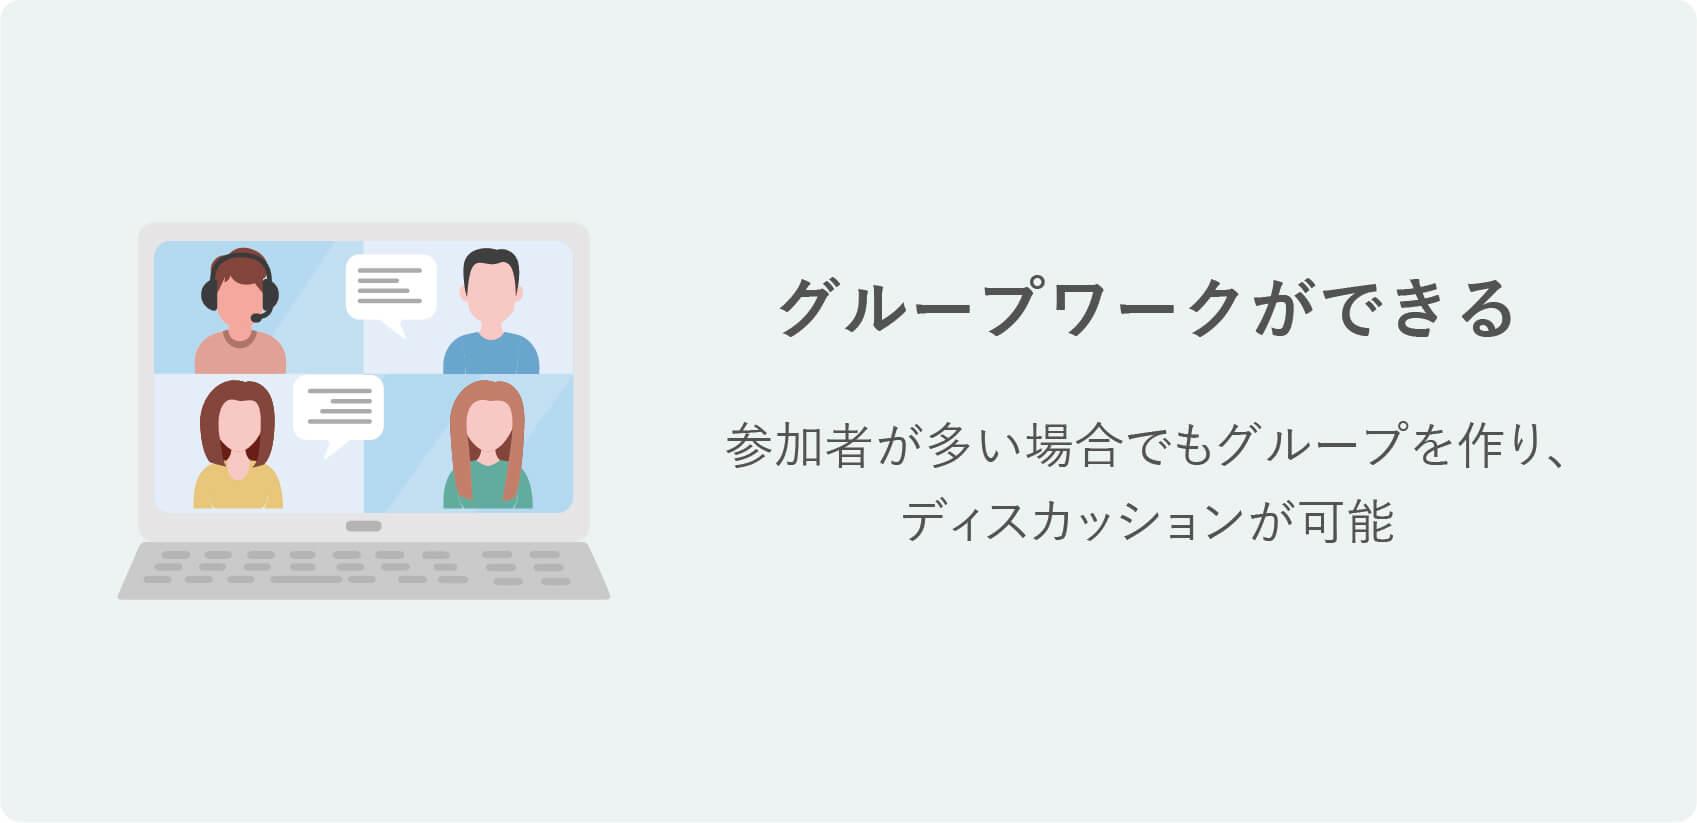 オンライン研修の特徴 グループワークができる